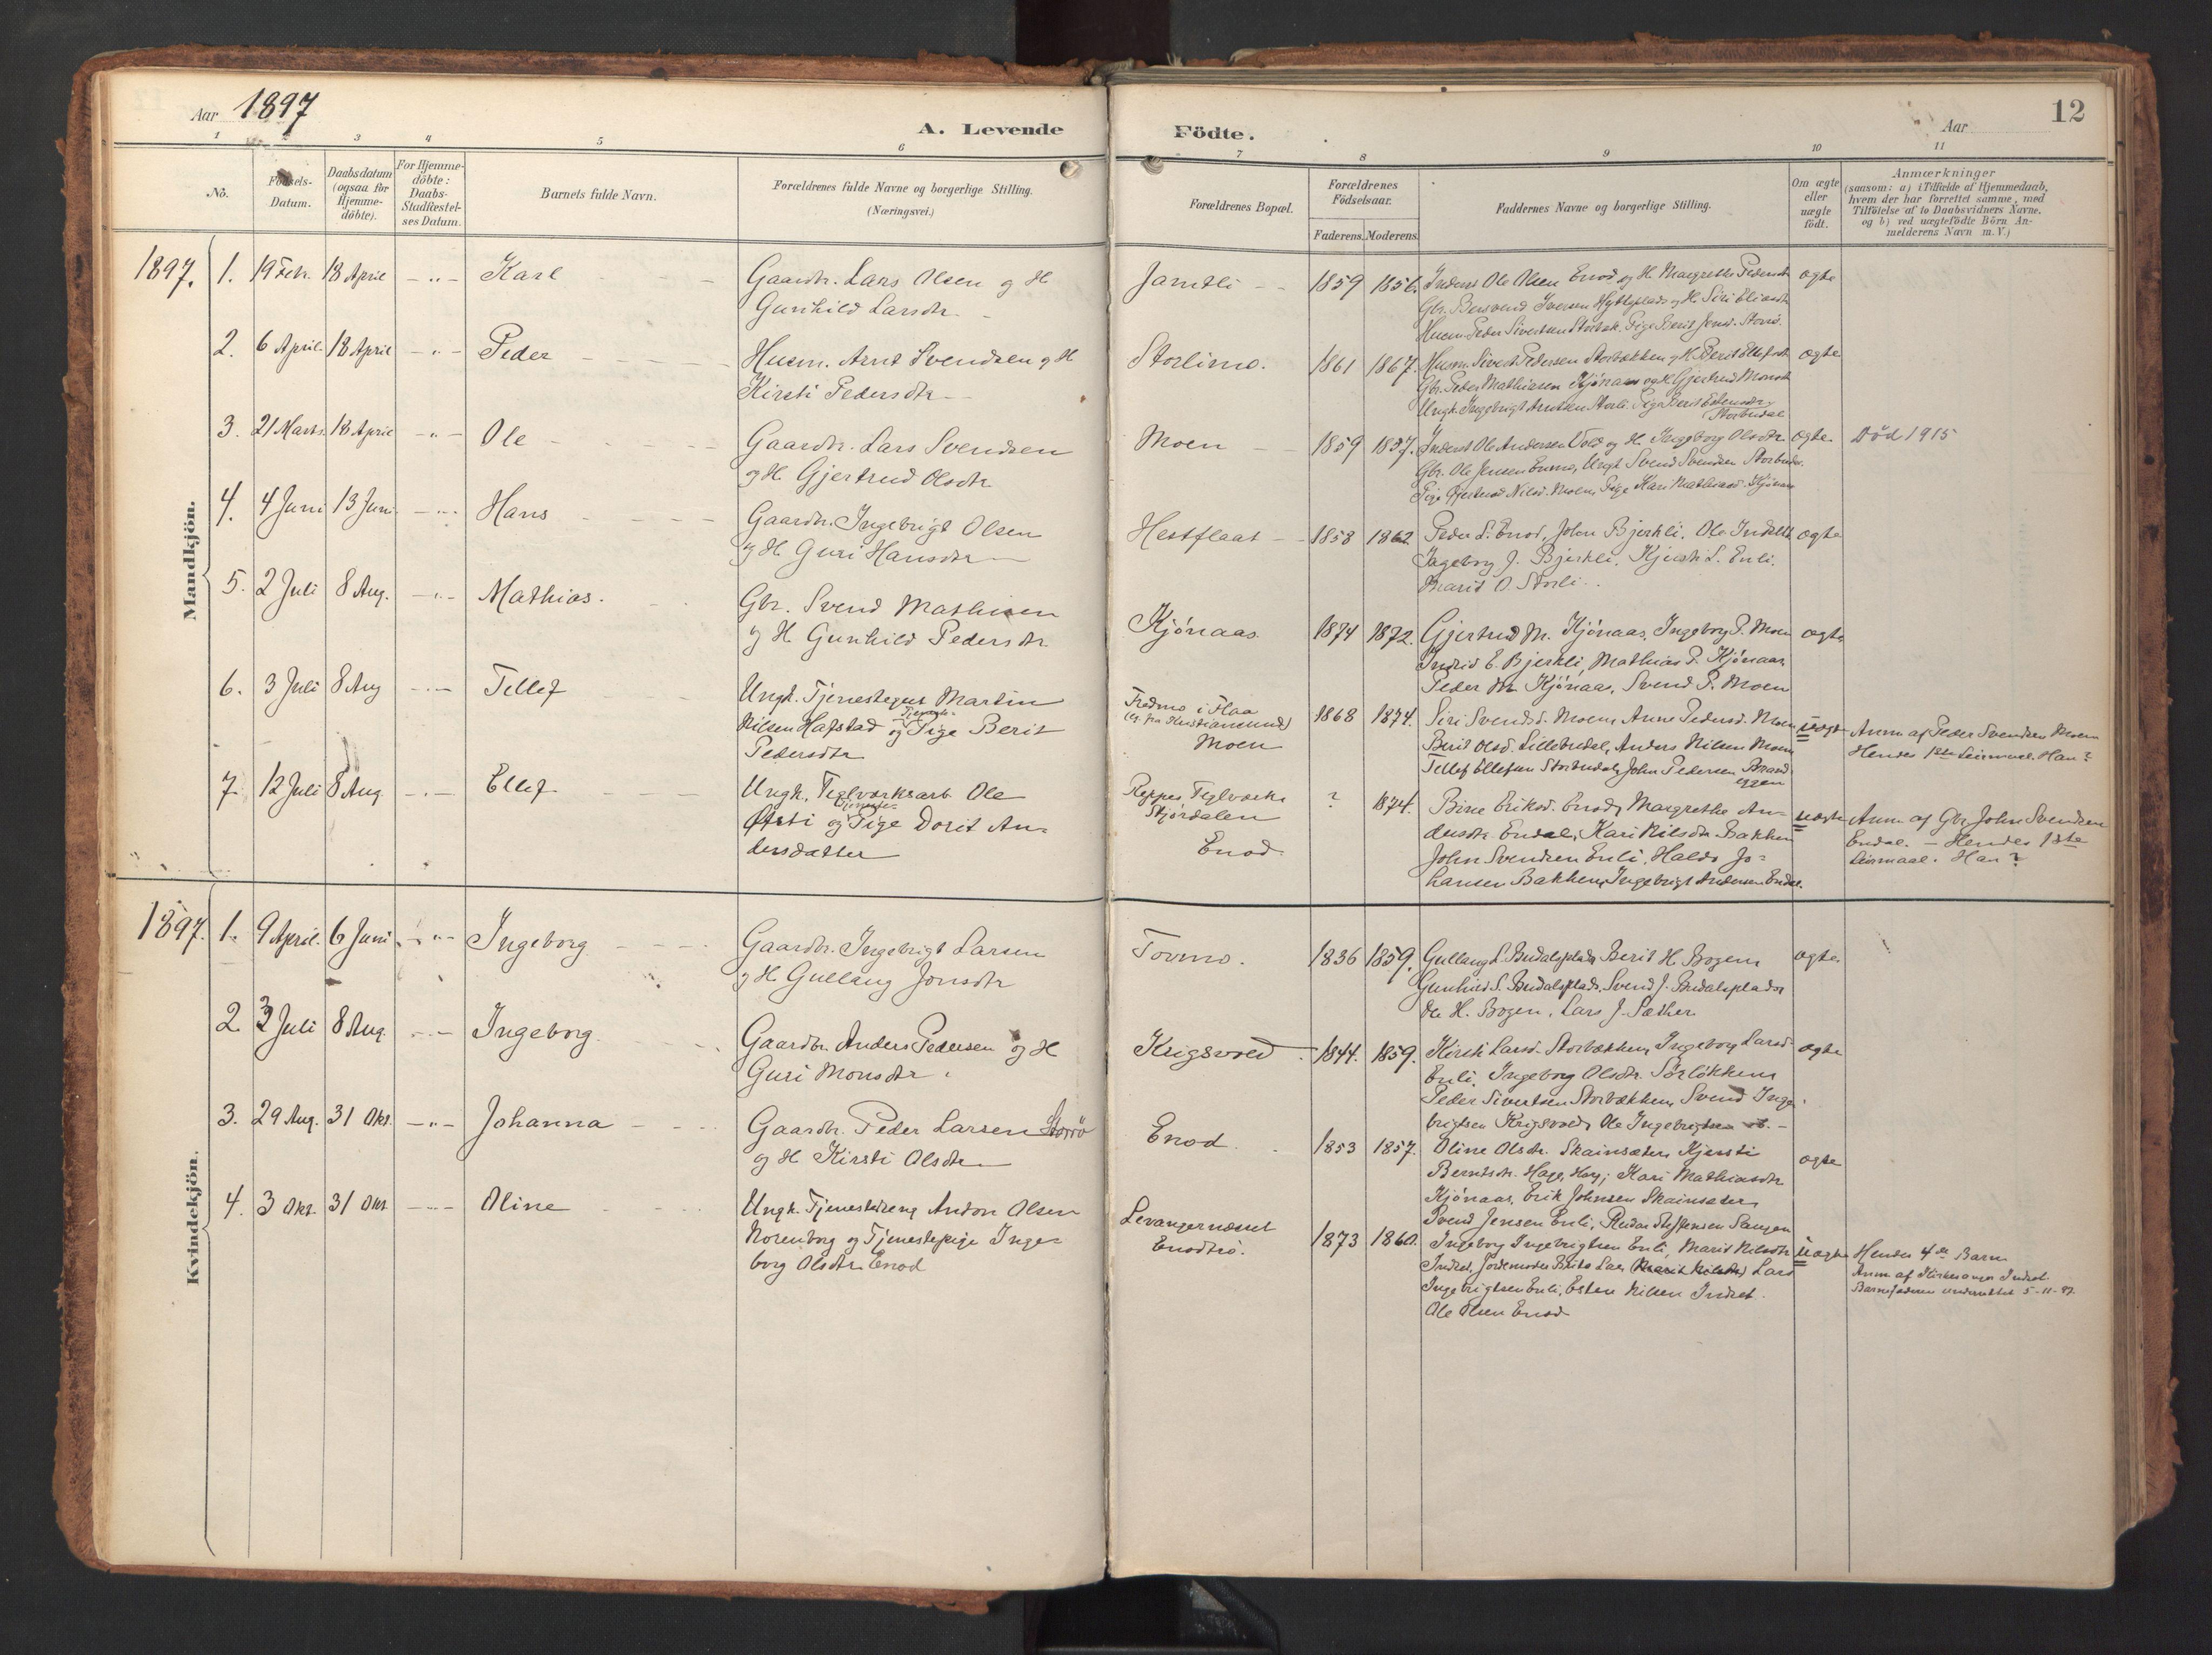 SAT, Ministerialprotokoller, klokkerbøker og fødselsregistre - Sør-Trøndelag, 690/L1050: Ministerialbok nr. 690A01, 1889-1929, s. 12